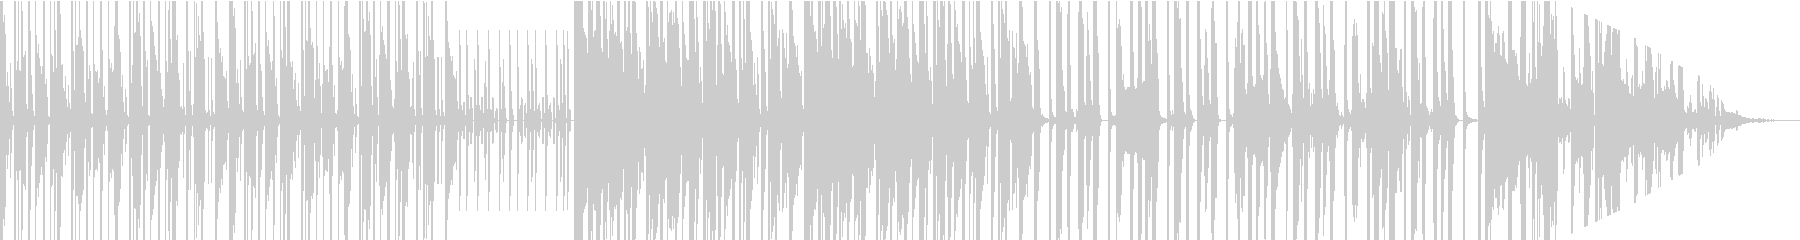 スラップとSAXがおしゃれなDJサウンドの未再生の波形